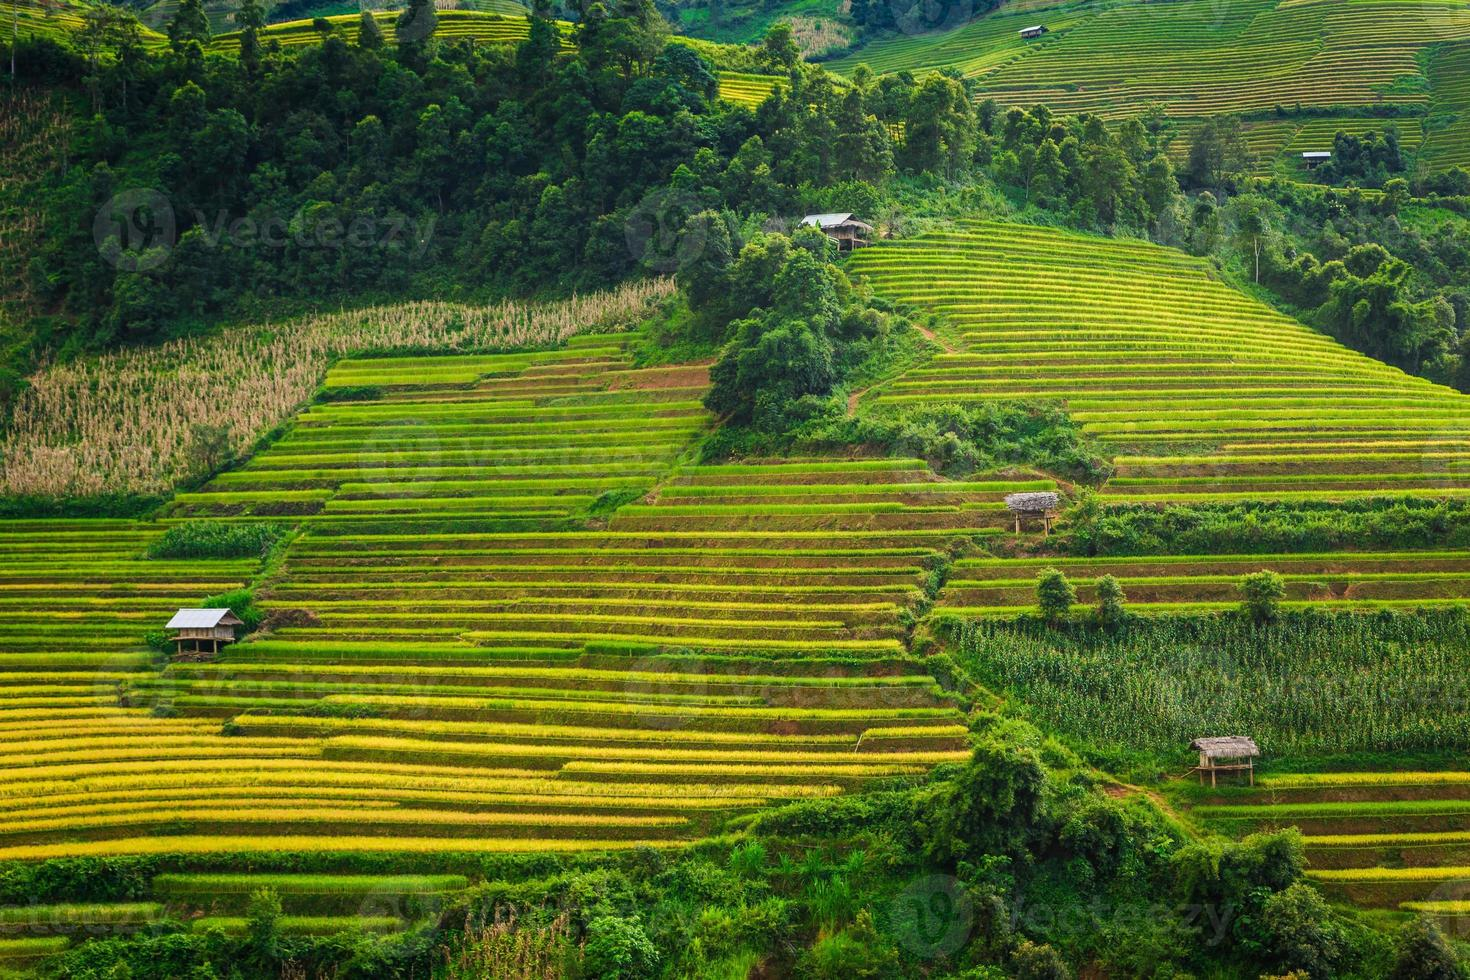 terrazze di riso valle vietnam foto